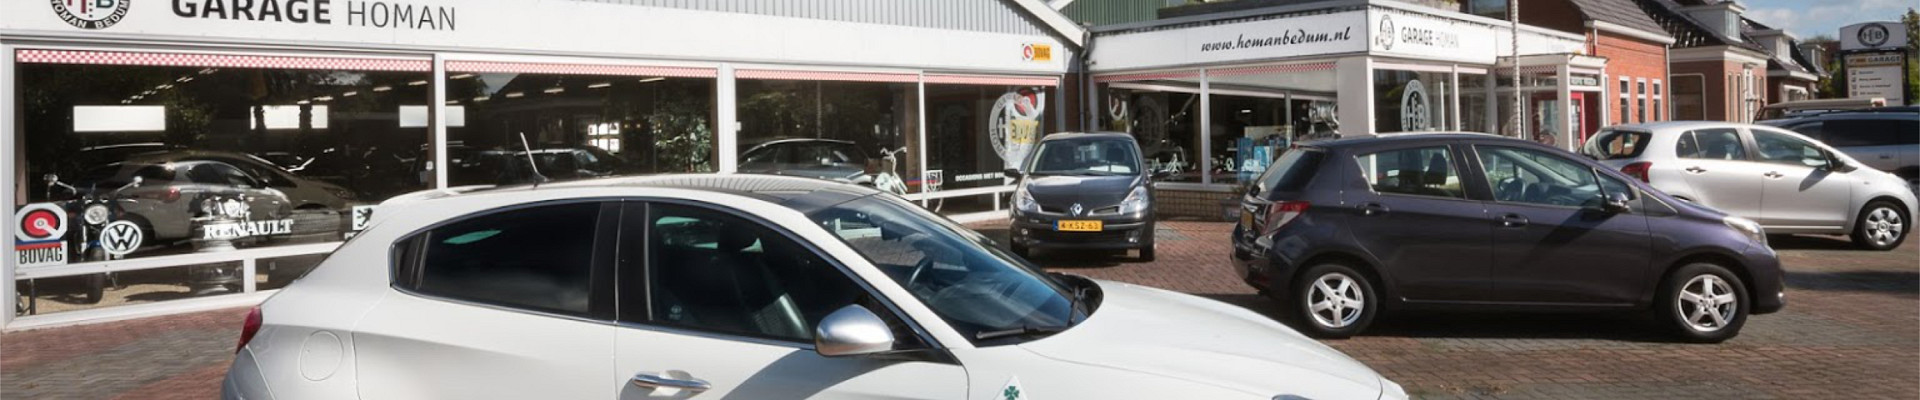 Carteam Garage Homan